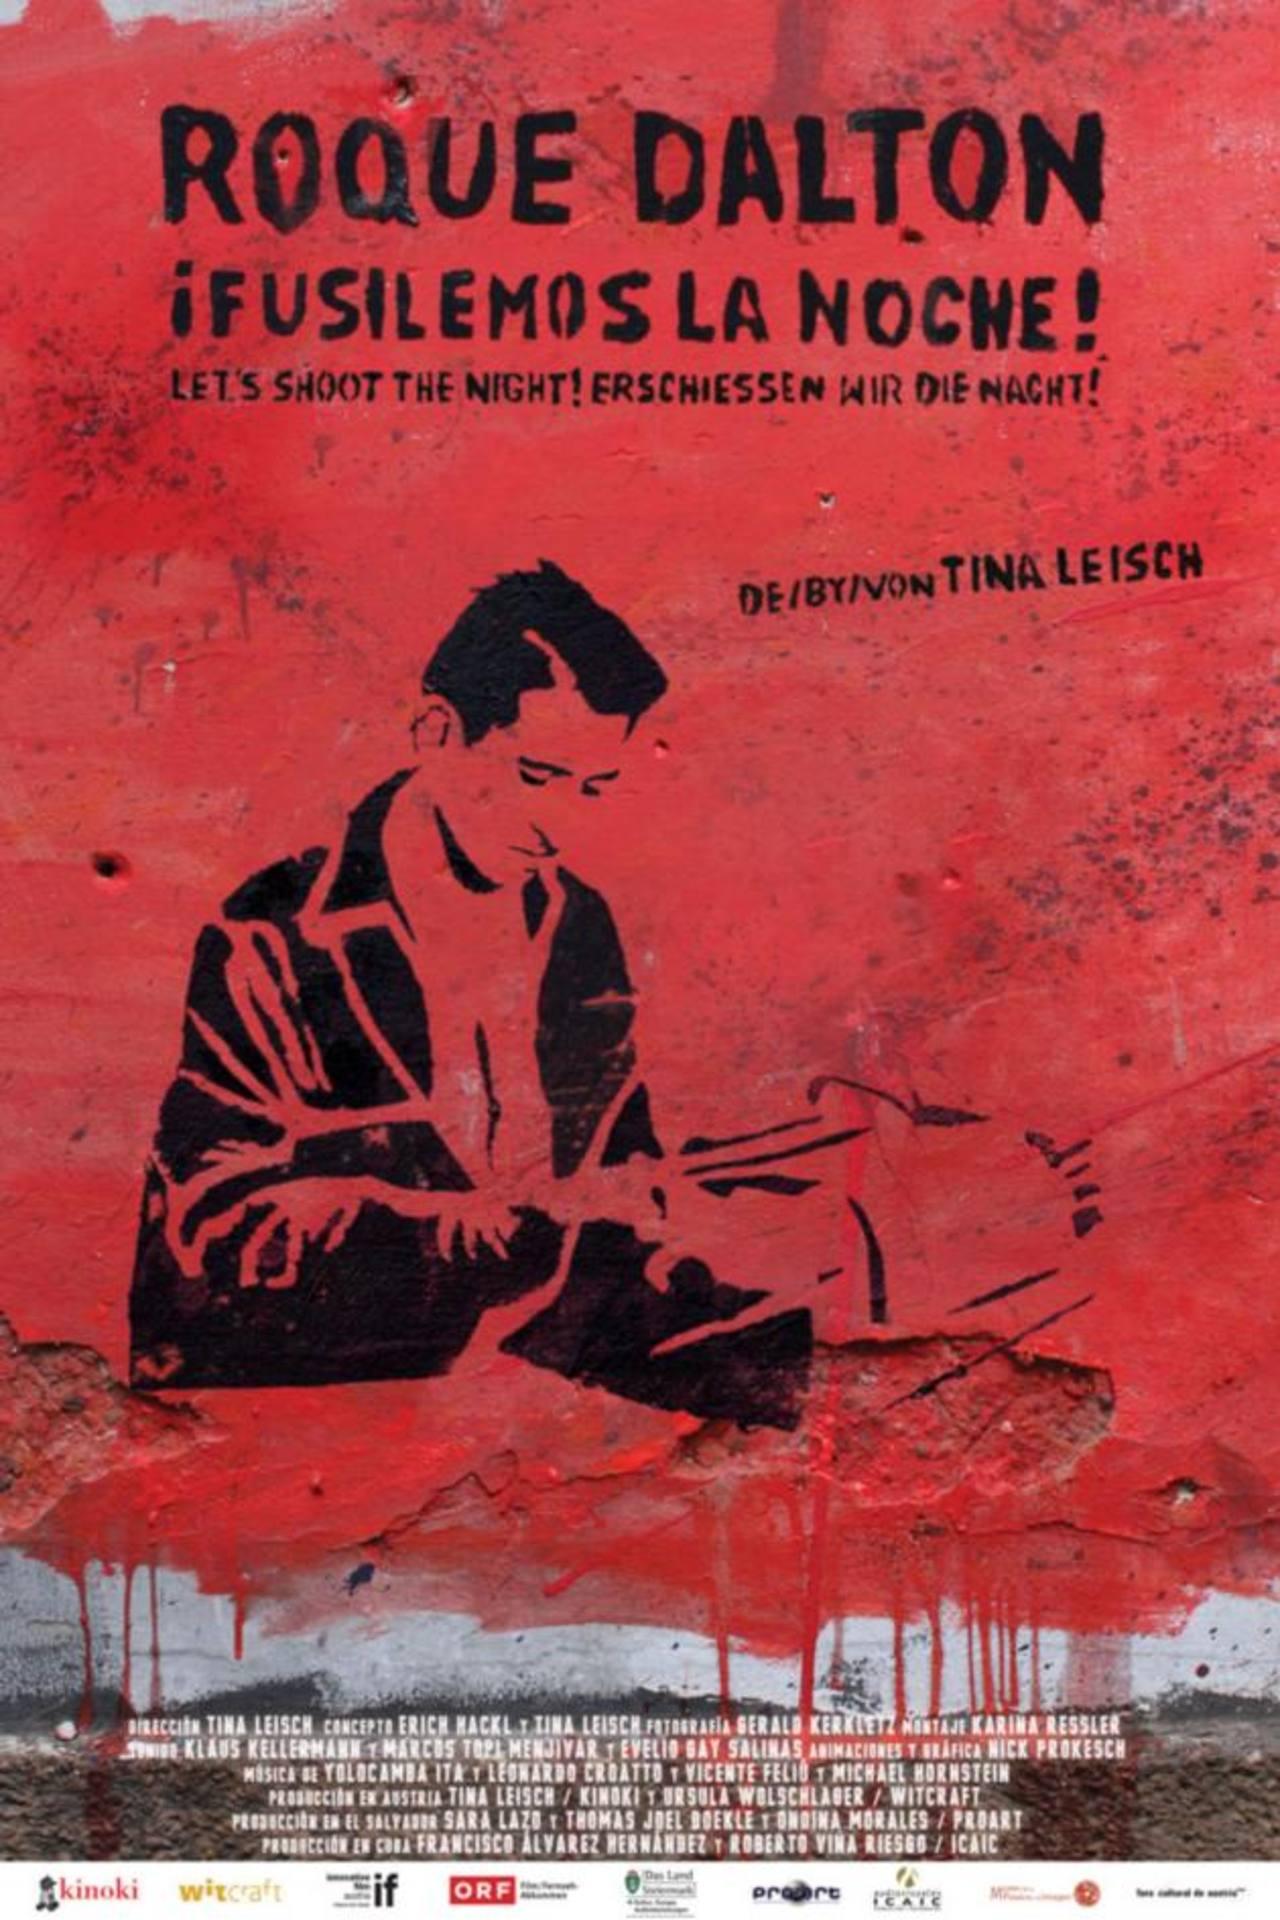 Afiche del documental de la austriaca, Tina Lish.